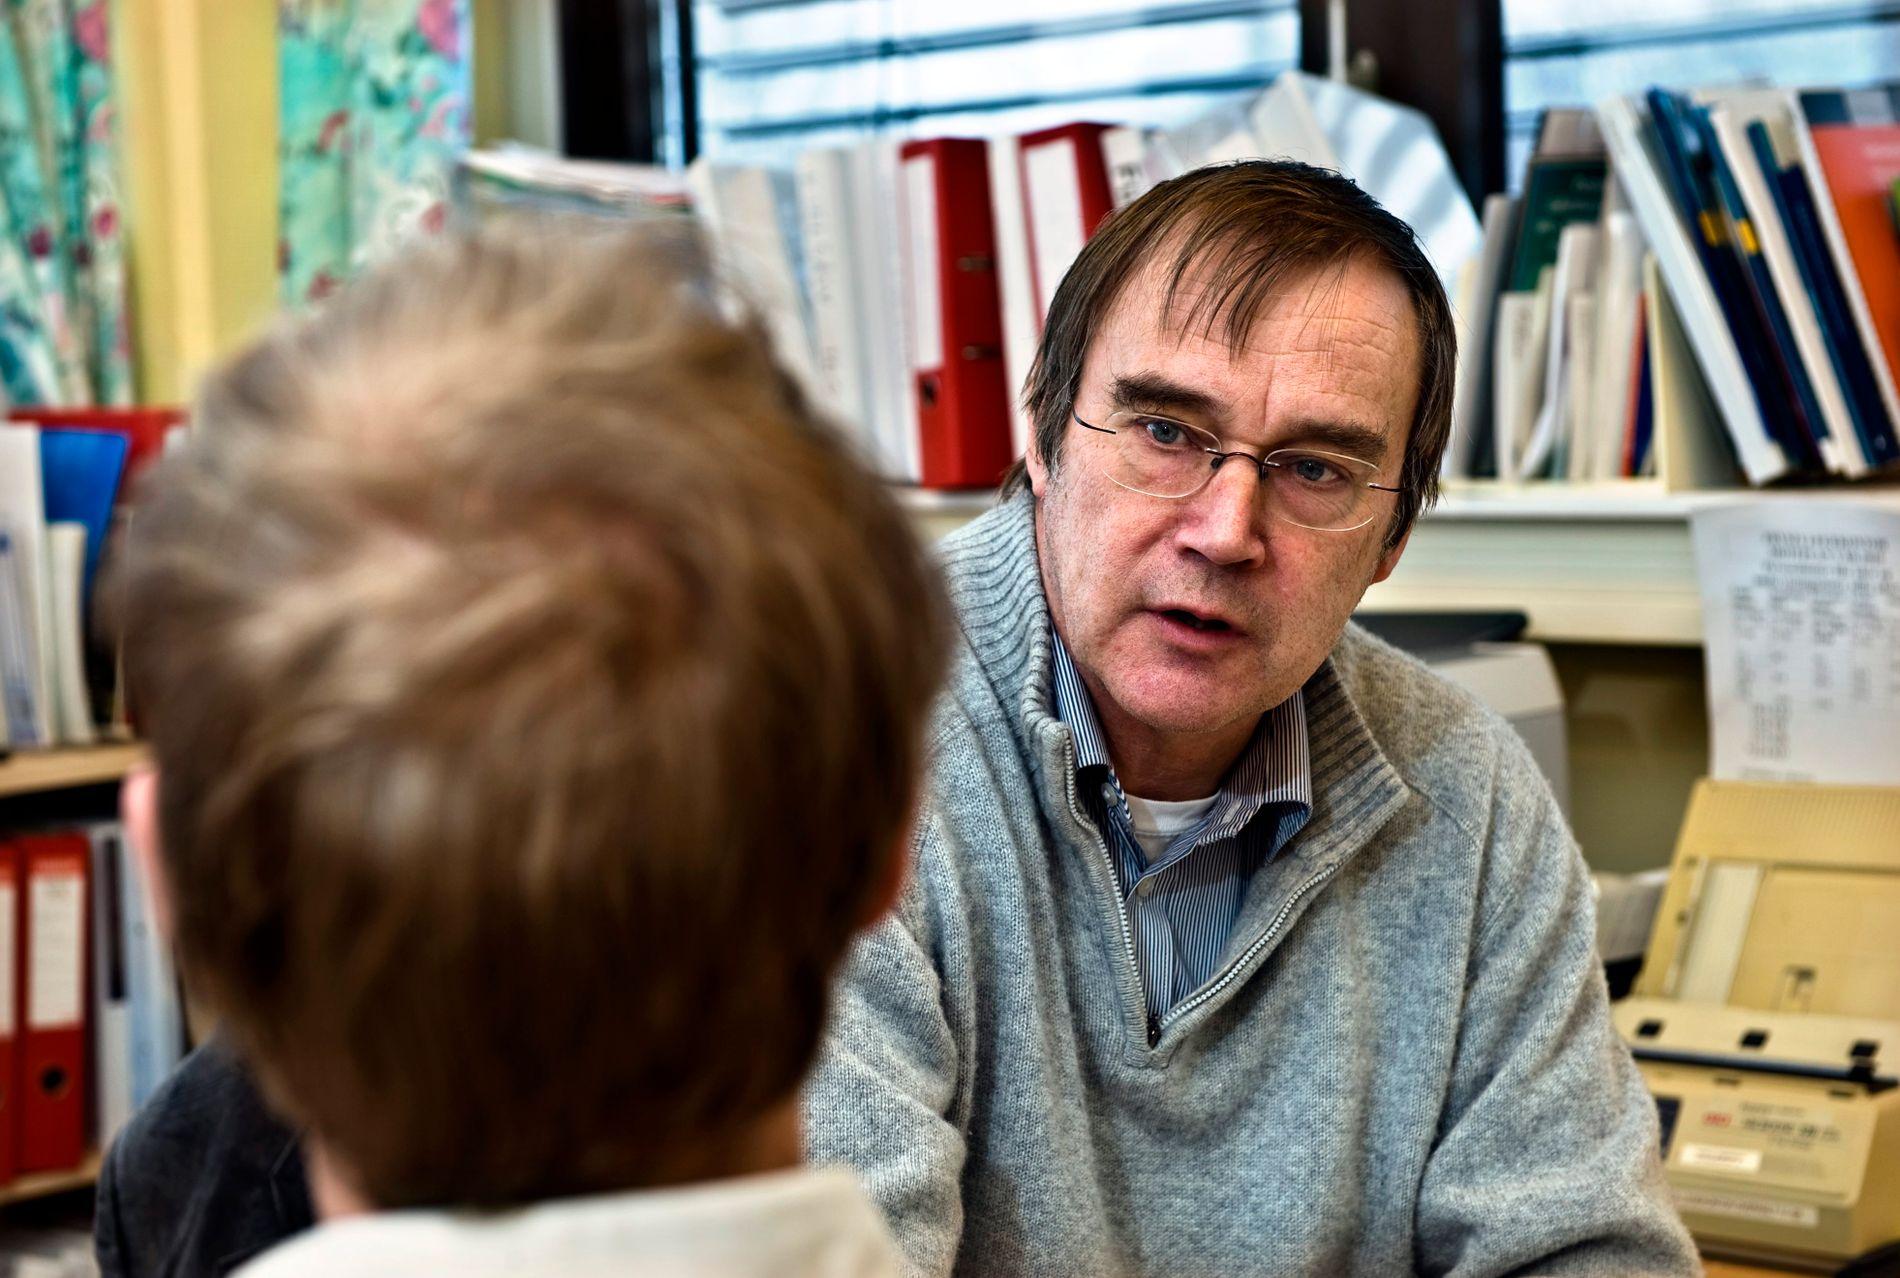 ETIKKEKSPERT: Lege Svein Aarseth i Legeforeningen tar sterk avstand til mirakelpredikantenes metoder.